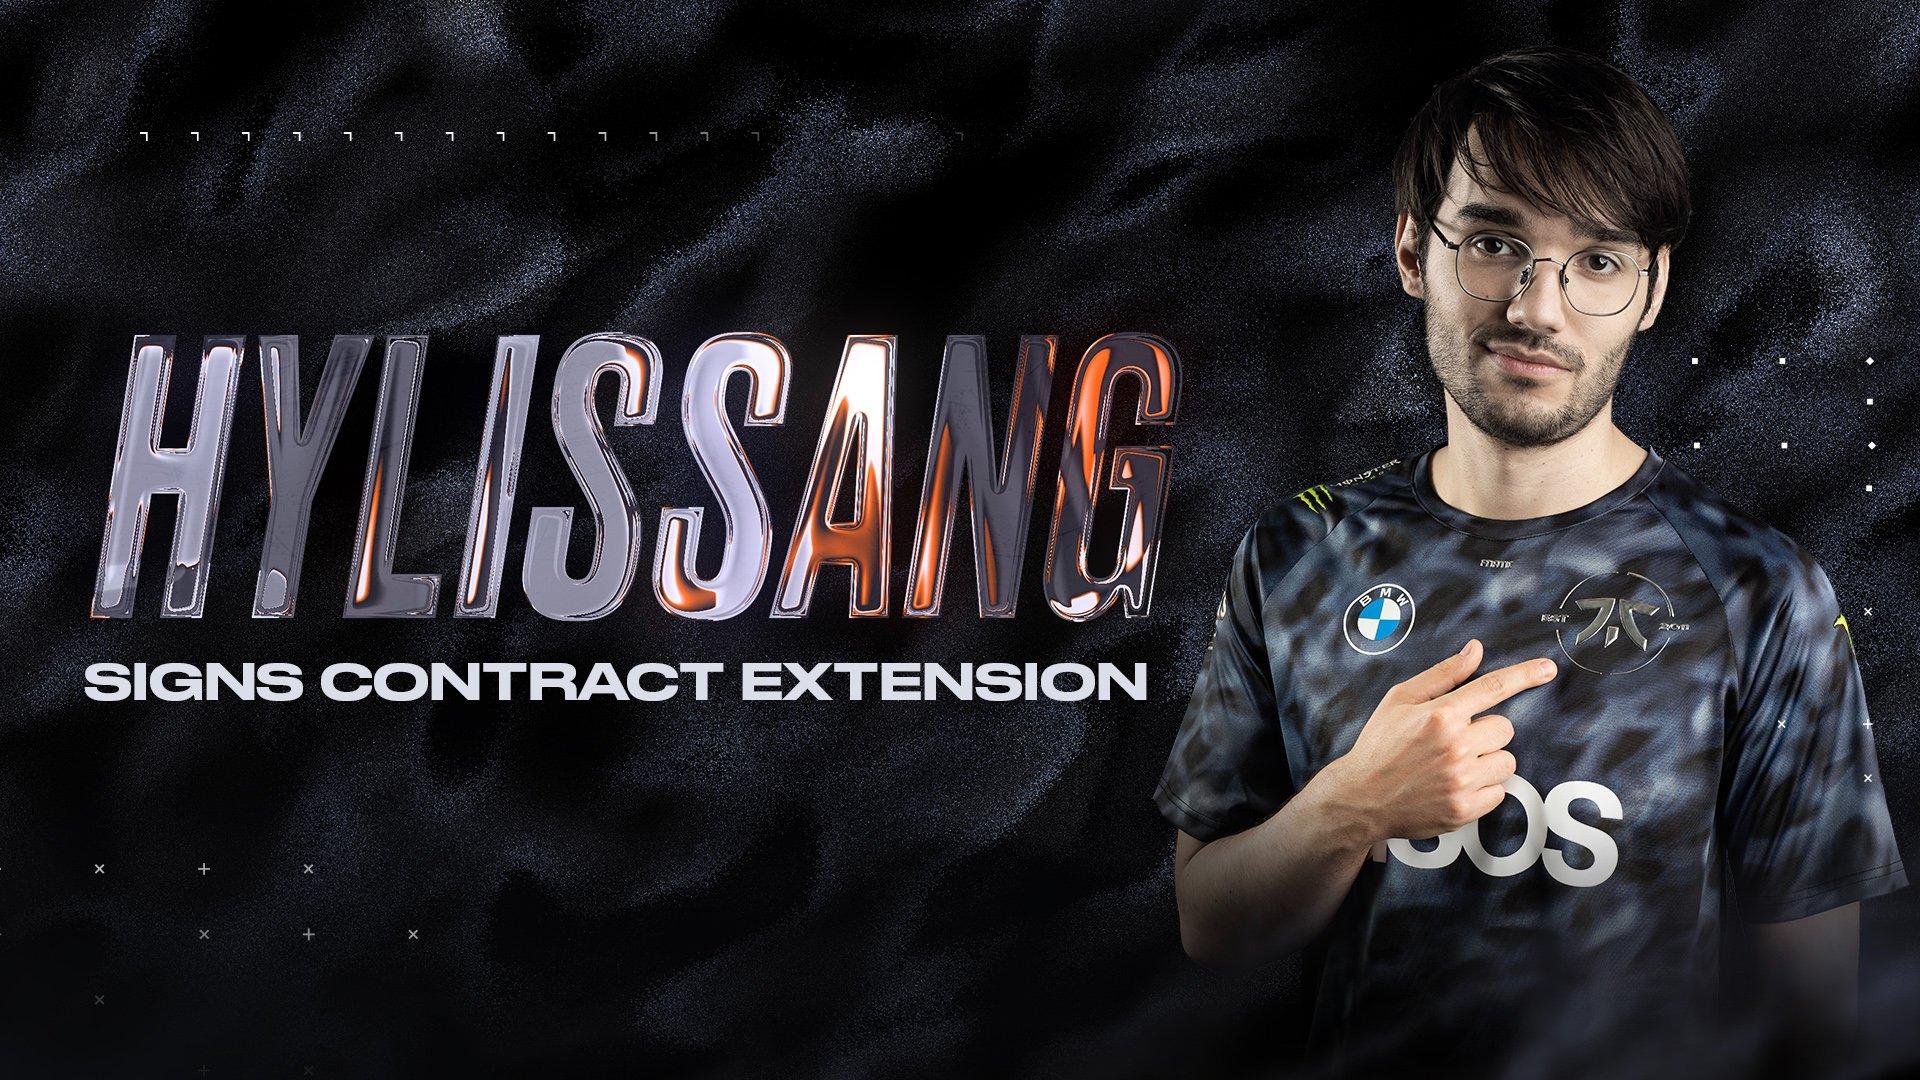 Hylissang, Fnatic ile olan sözleşmesini 2023 yılına kadar uzattı